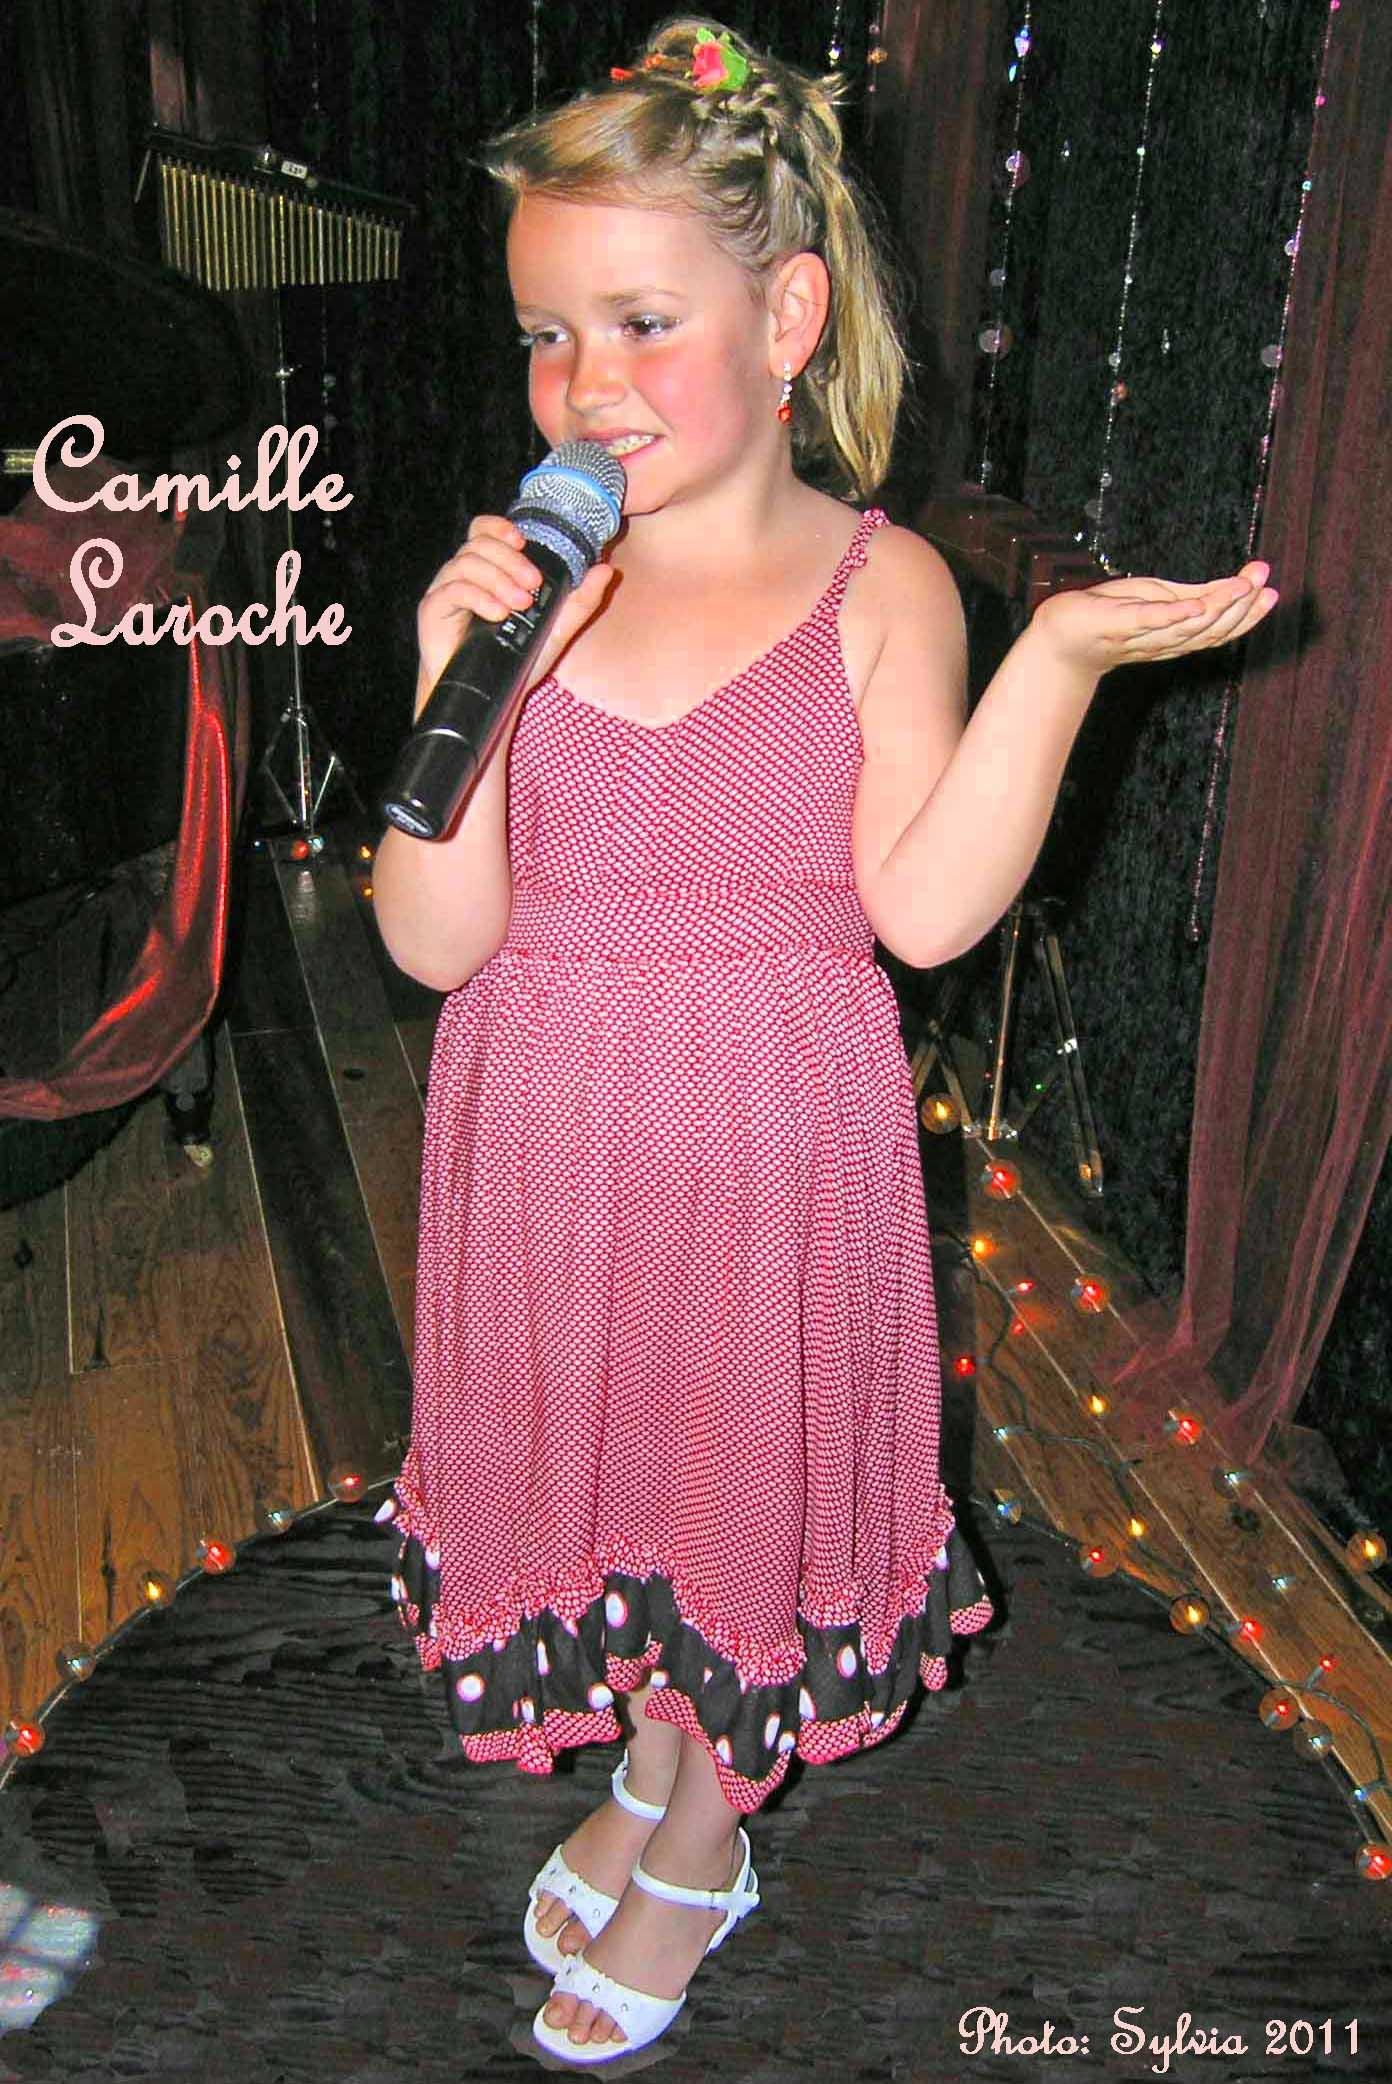 Camille Laroche